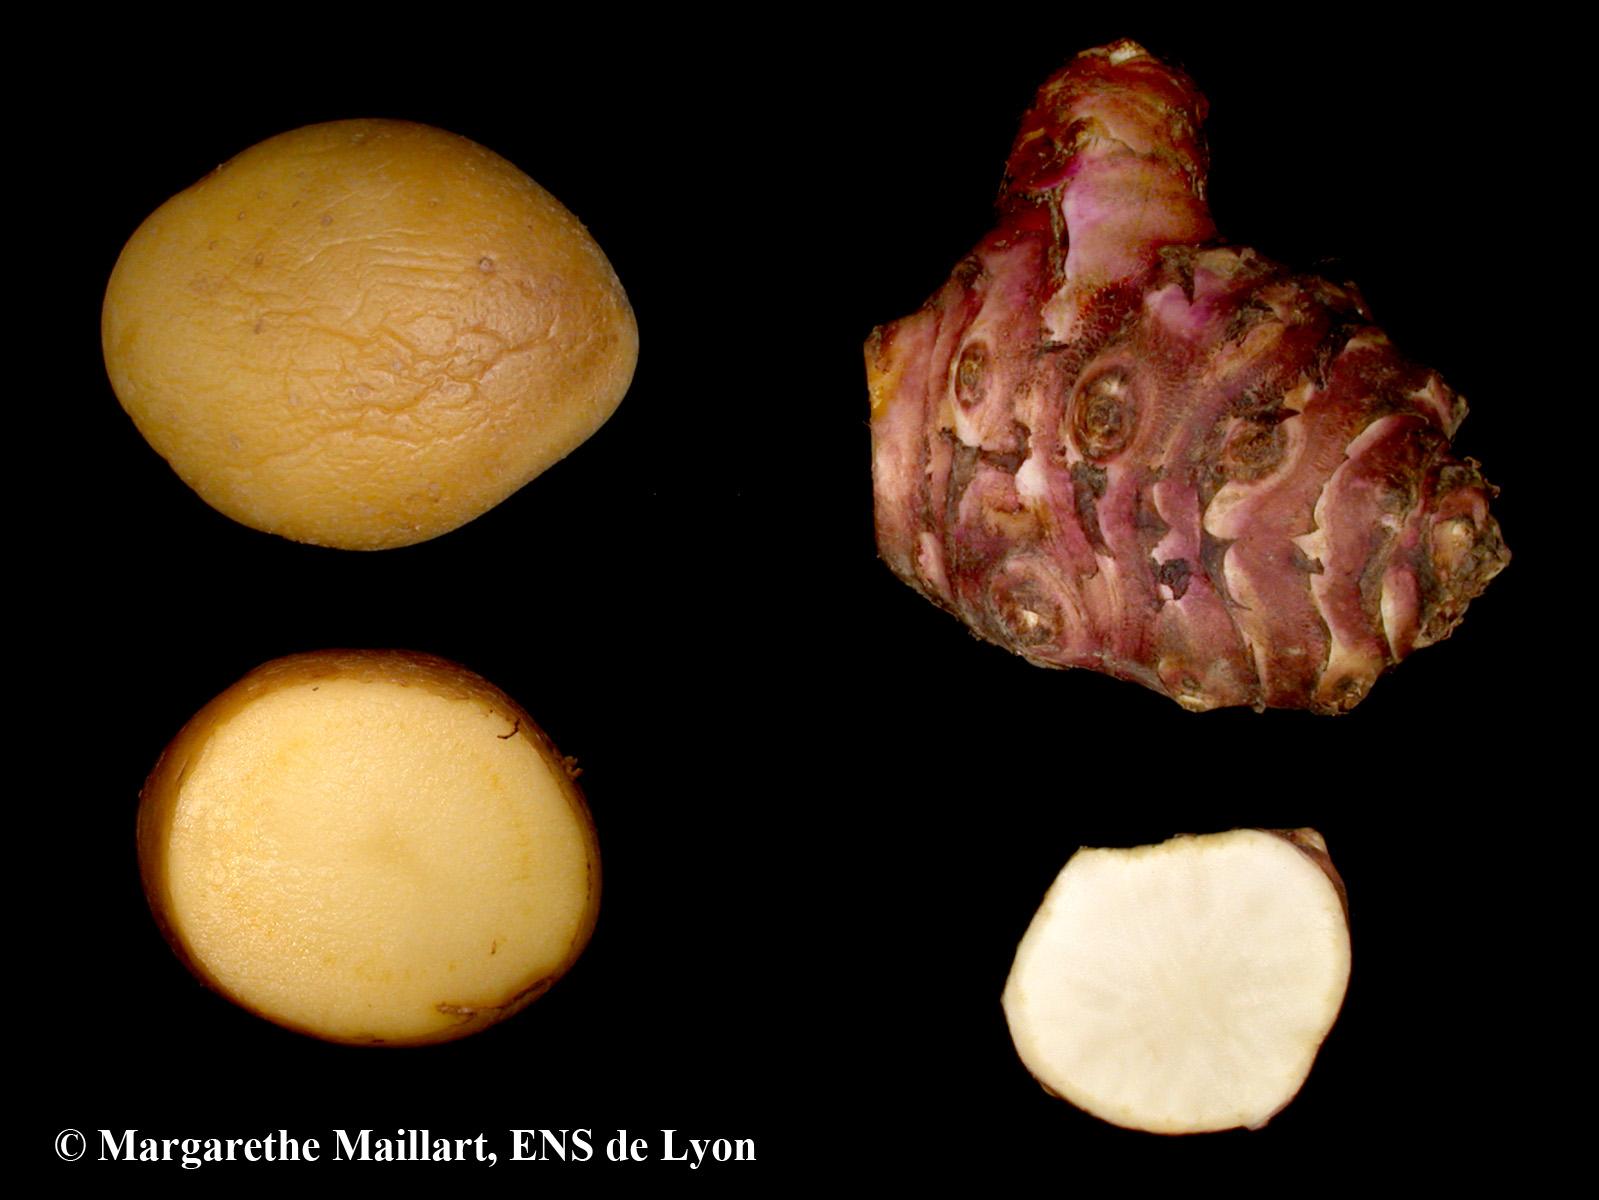 Comparaison-Pomme-de-terre-topinambour.jpg